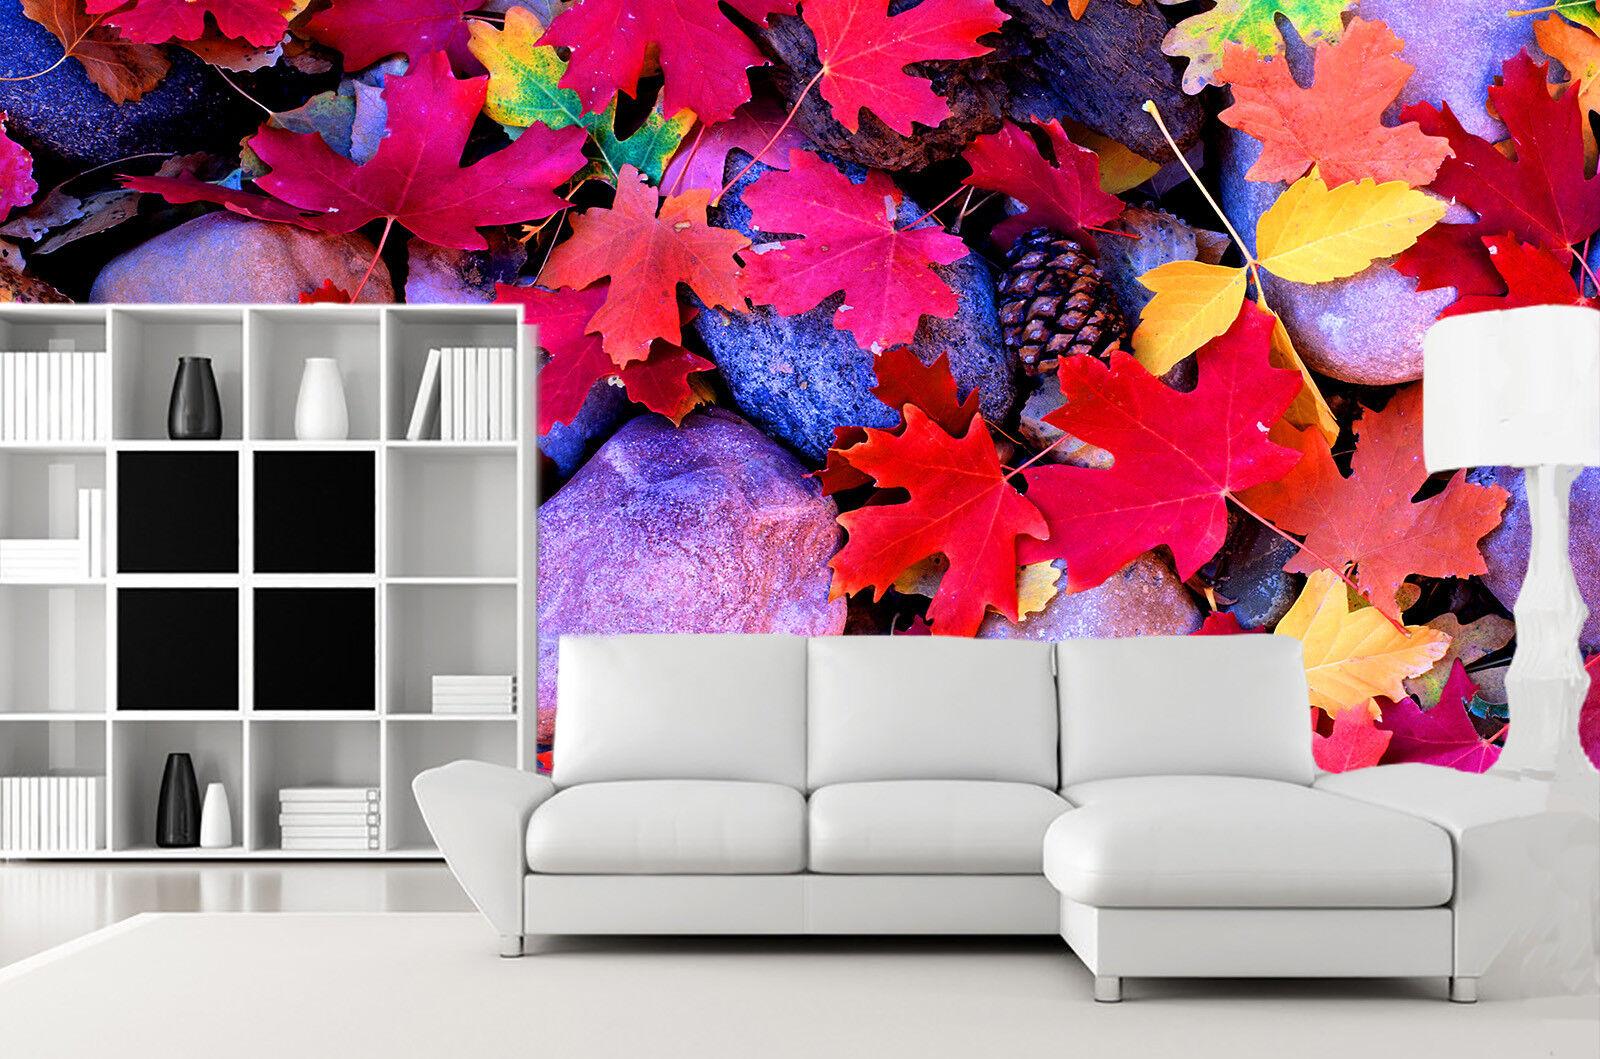 3D Farbige Gefallene Blätter 7 Tapete Wandgemälde Tapete Tapeten Bild Familie DE  | Exzellente Verarbeitung  | Um Eine Hohe Bewunderung Gewinnen Und Ist Weit Verbreitet Trusted In-und   | Gewinnen Sie das Lob der Kunden